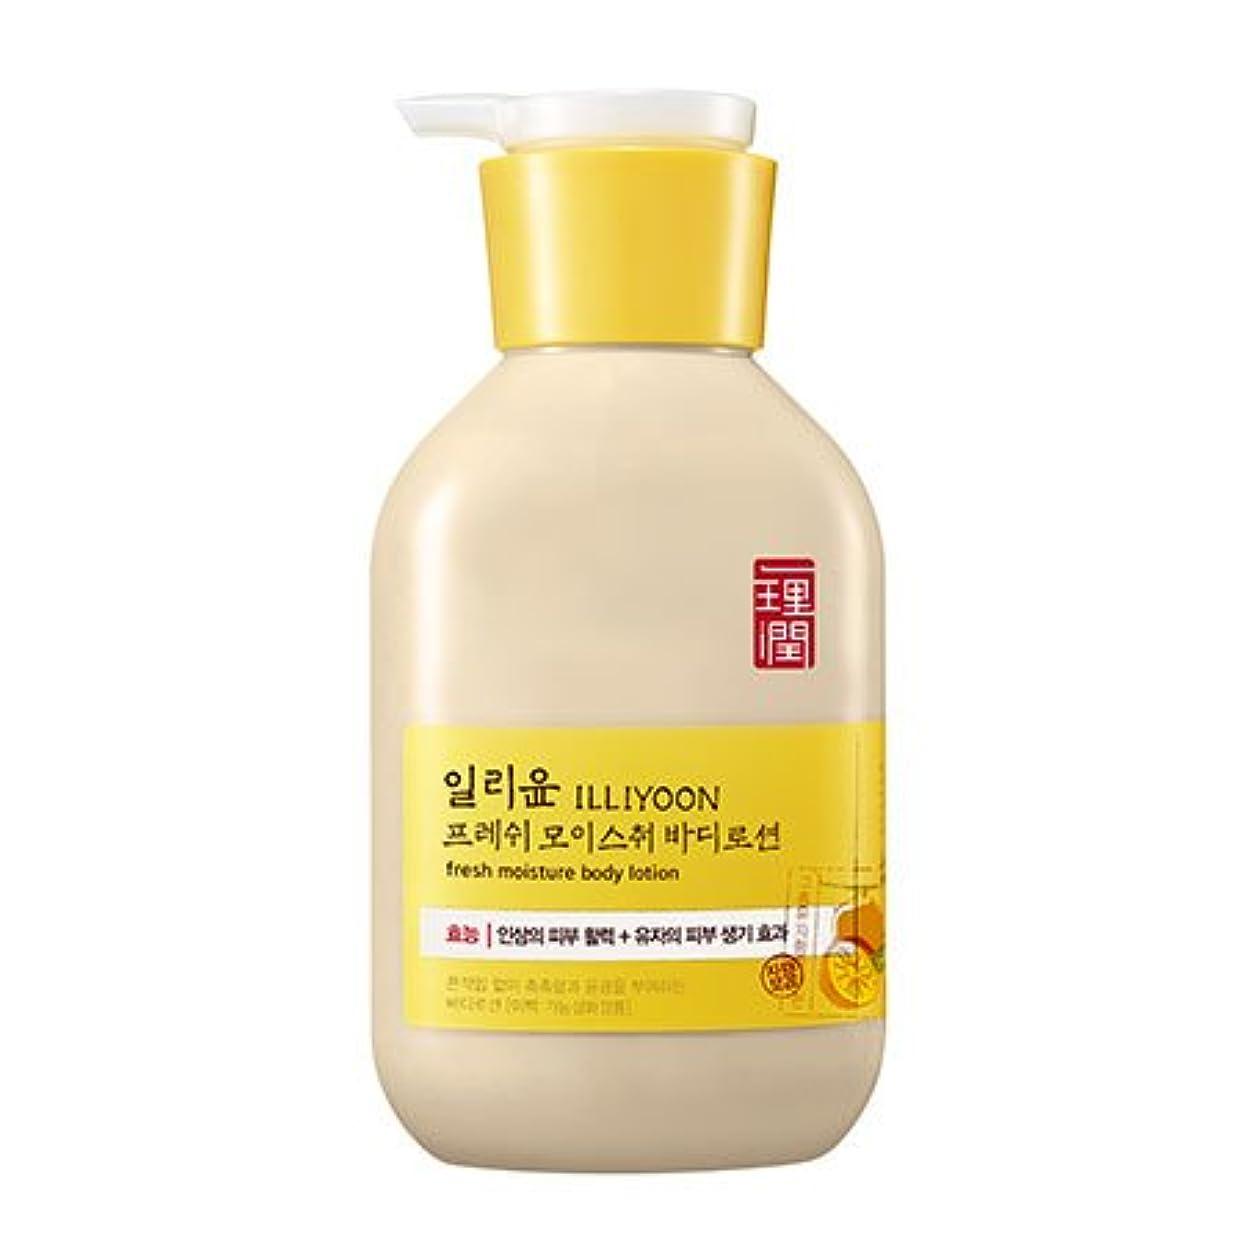 閃光クリア信条ILLIYOON Fresh Moisture Body Lotion 350ml/イリーユン [アモーレパシフィック] フレッシュモイスチャー ボディローション [並行輸入品]